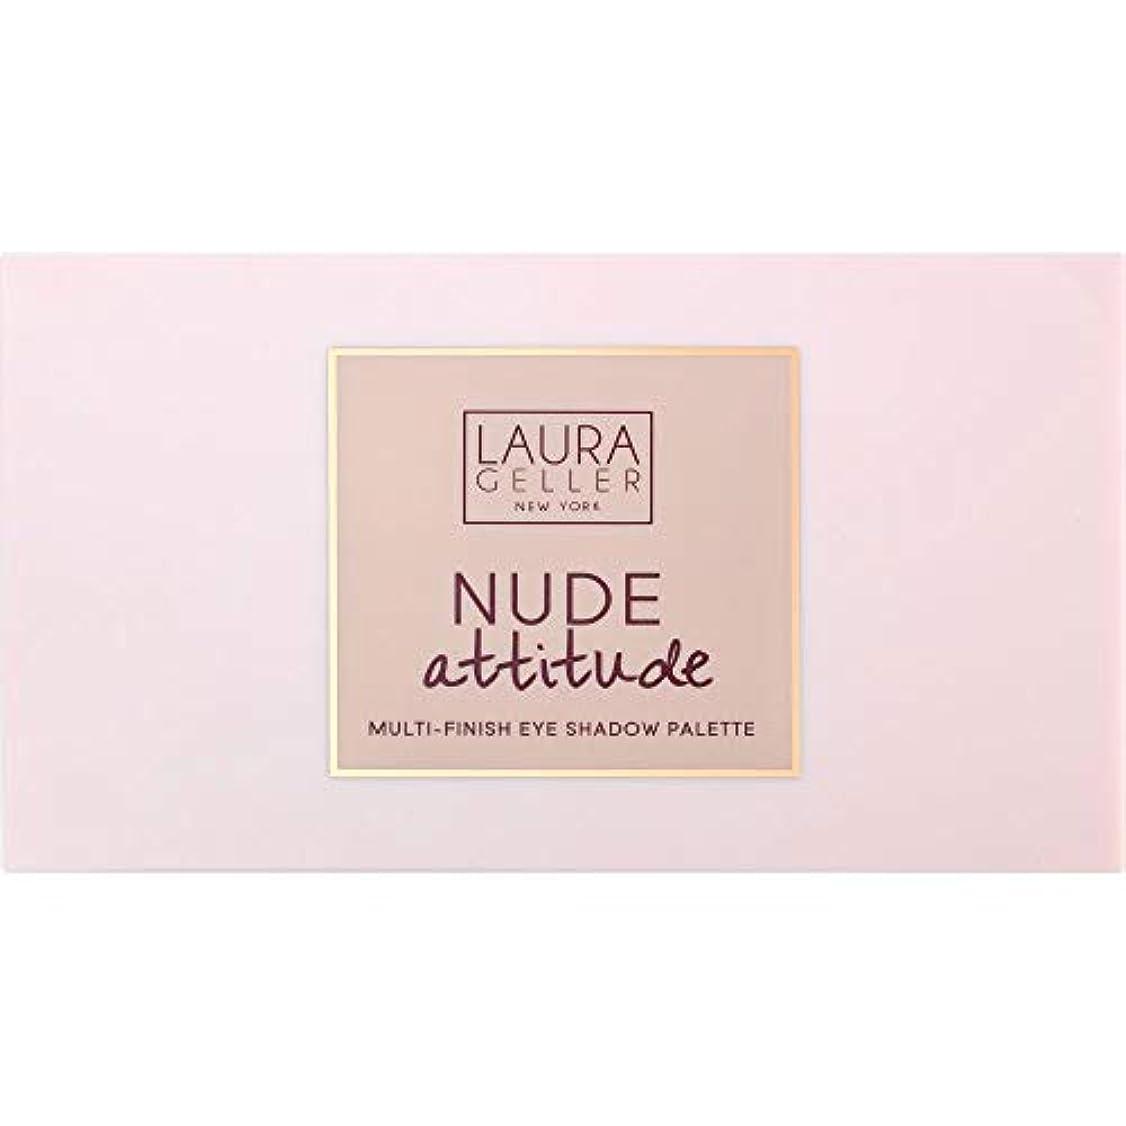 リテラシーデザイナー洗練された[Laura Geller ] ローラ?ゲラーヌード態度マルチフィニッシュアイシャドウパレット12×1.1グラム - Laura Geller Nude Attitude Multi-Finish Eye Shadow...